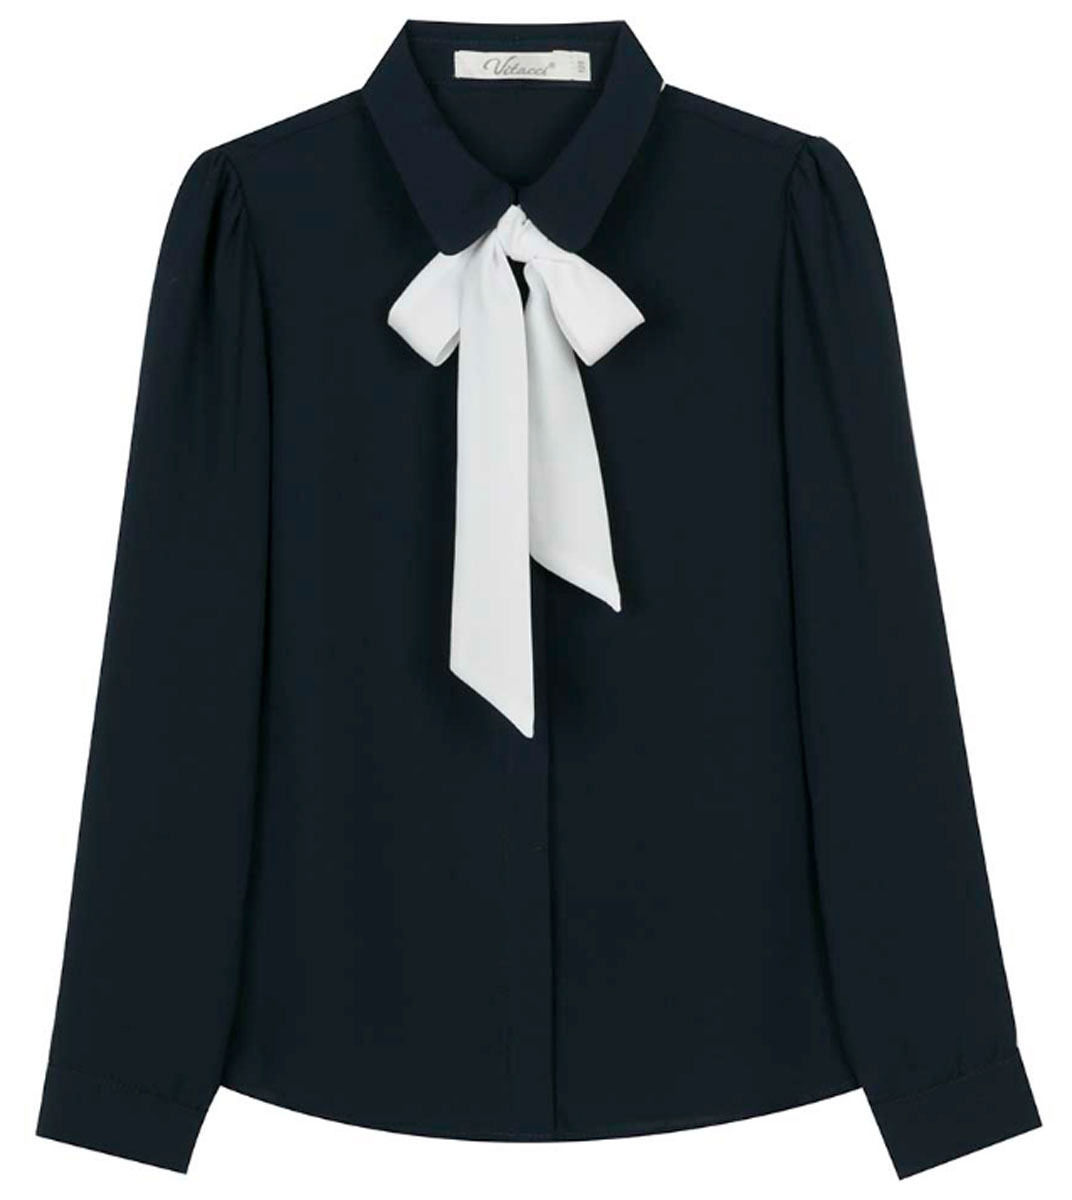 Блузка для девочки Vitacci, цвет: синий. 2173224L-04. Размер 1342173224L-04Шифоновая блузка для девочки Vitacci выполнена из 100% полиэстера. Модель имеет длинные рукава и отложной воротник, украшенный контрастным бантом. Застегивается на пуговицы, скрытые планкой. Классическая блузка отлично подойдет для школы.